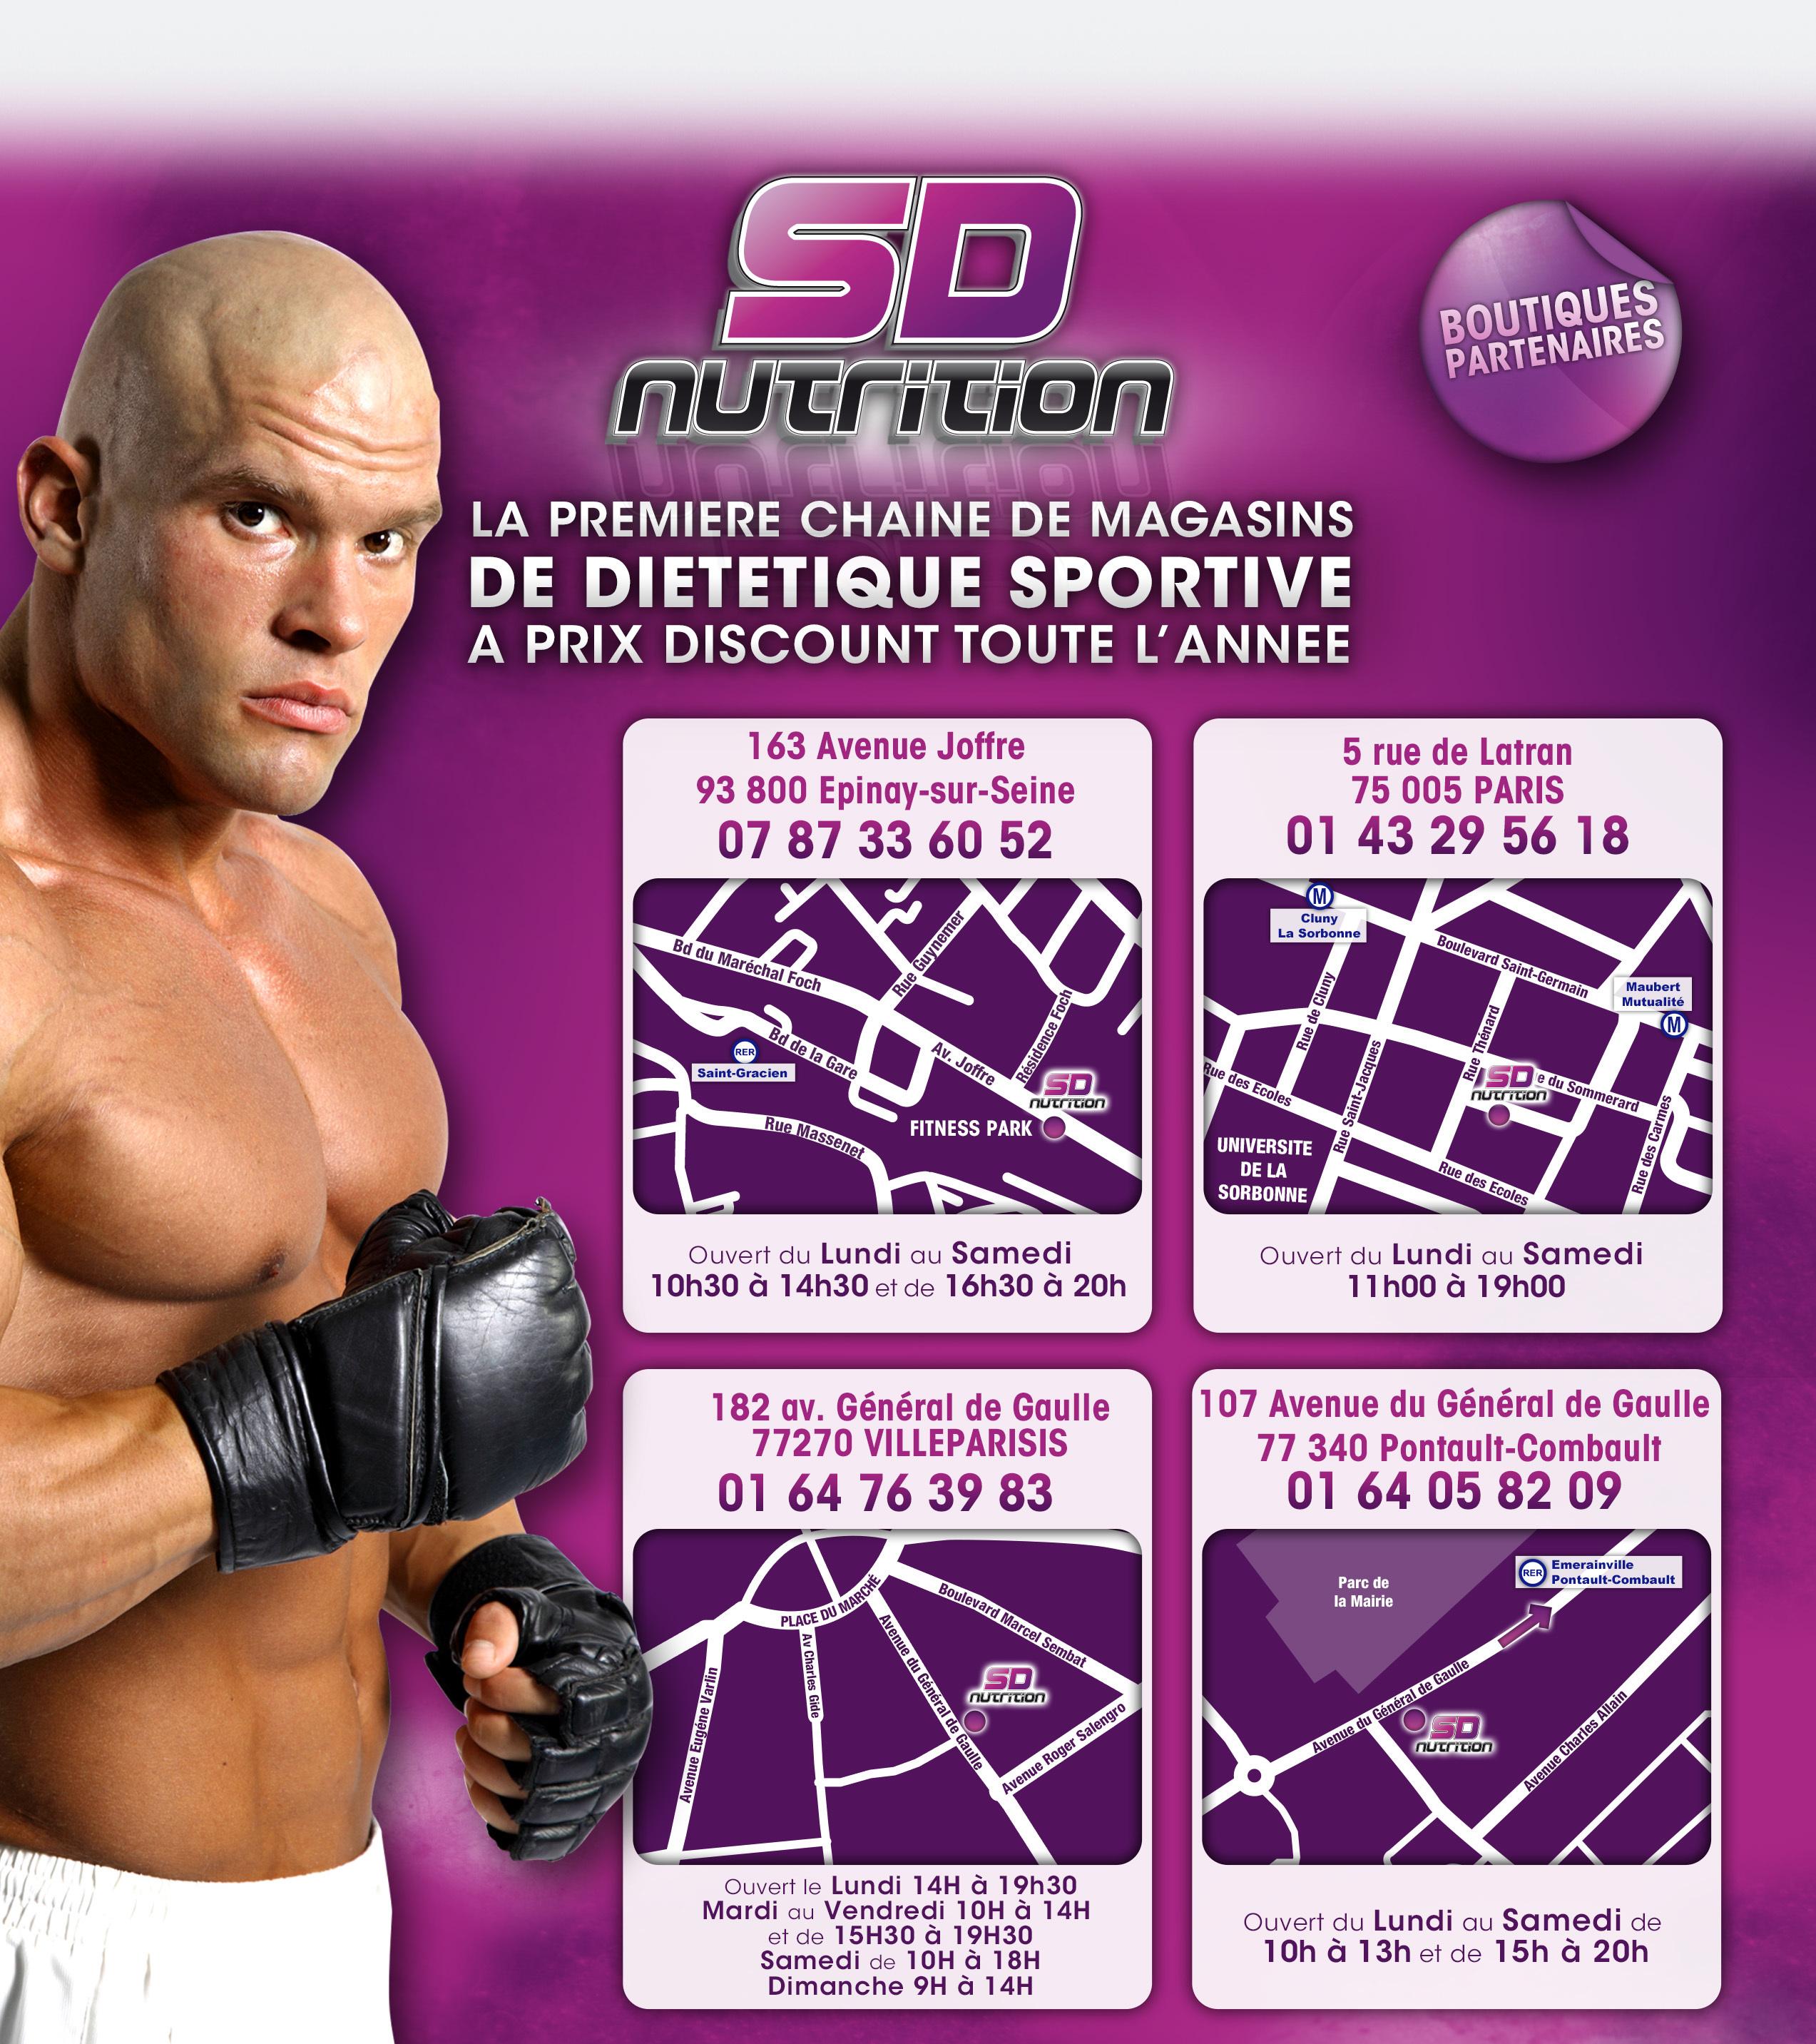 SD NUTRITION - Boutiques de Dietetique Sportive, Protéines et compléments alimentaires à PARIS